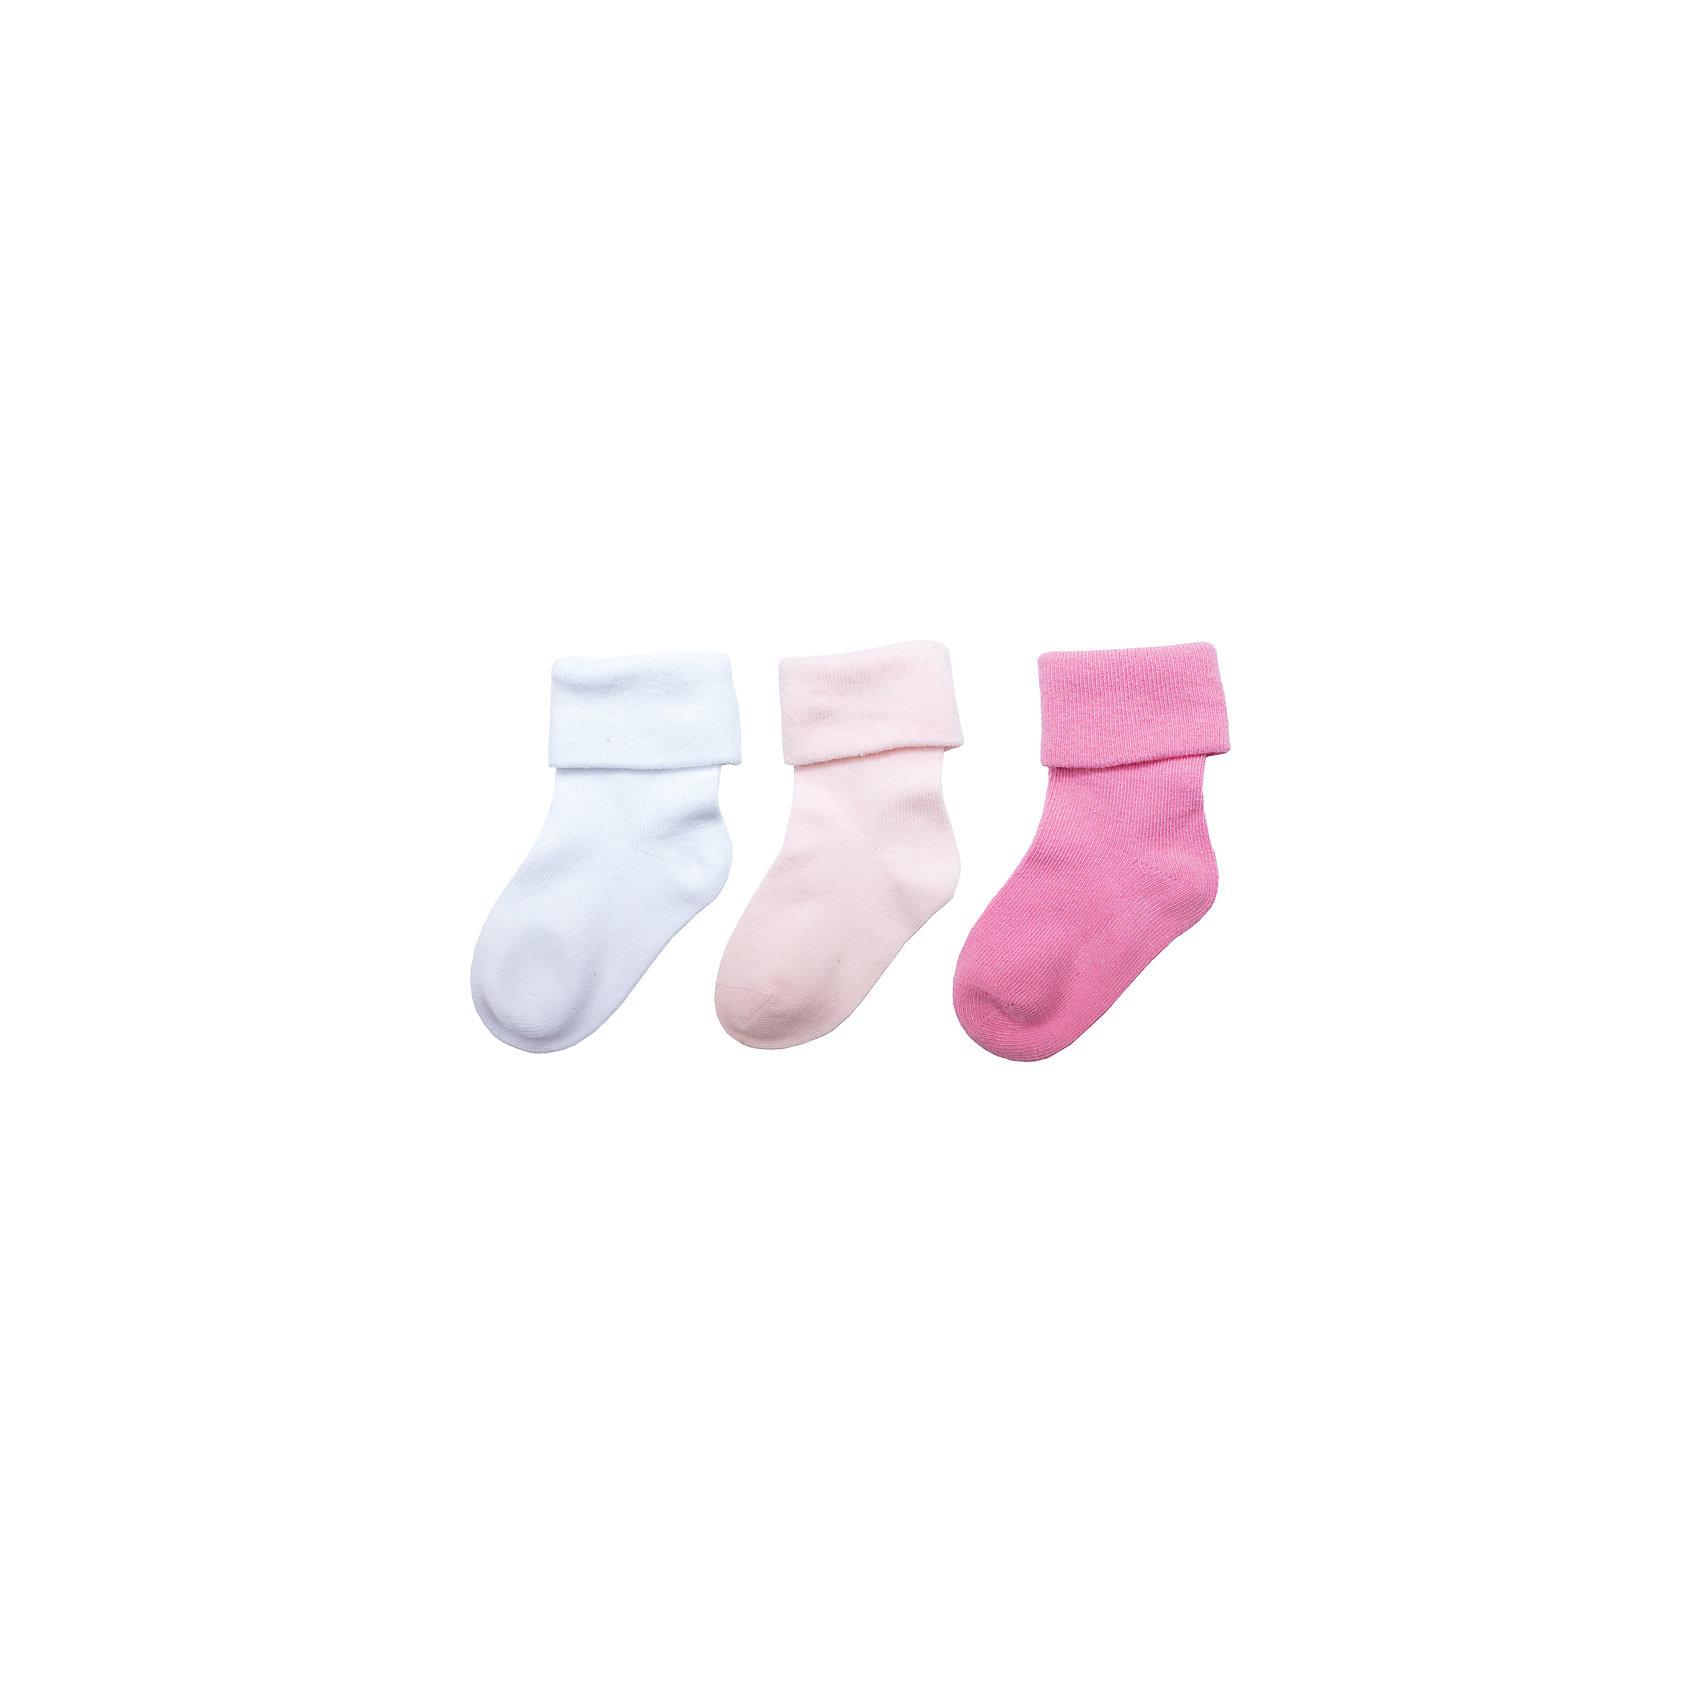 Носки, 3 пары для девочки PlayTodayНосочки и колготки<br>Носки, 3 пары для девочки PlayToday<br>Носки очень мягкие, из качественных материалов, приятны к телу и не сковывают движений. Хорошо пропускают воздух, тем самым позволяя коже дышать.  Даже частые стирки, при условии соблюдений рекомендаций по уходу, не изменят ни форму, ни цвет изделий.Преимущества: Мягкие, выполненные из натуральных материалов, приятны к телу, не сковывают движенийХорошо пропускают воздух, позволяя тем самым коже дышатьДаже частые стирки, при условии соблюдений рекомендаций по уходу, не изменят ни форму, ни цвет изделия<br>Состав:<br>75% хлопок, 22% нейлон, 3% эластан<br><br>Ширина мм: 87<br>Глубина мм: 10<br>Высота мм: 105<br>Вес г: 115<br>Цвет: разноцветный<br>Возраст от месяцев: 6<br>Возраст до месяцев: 9<br>Пол: Женский<br>Возраст: Детский<br>Размер: 11<br>SKU: 5408541